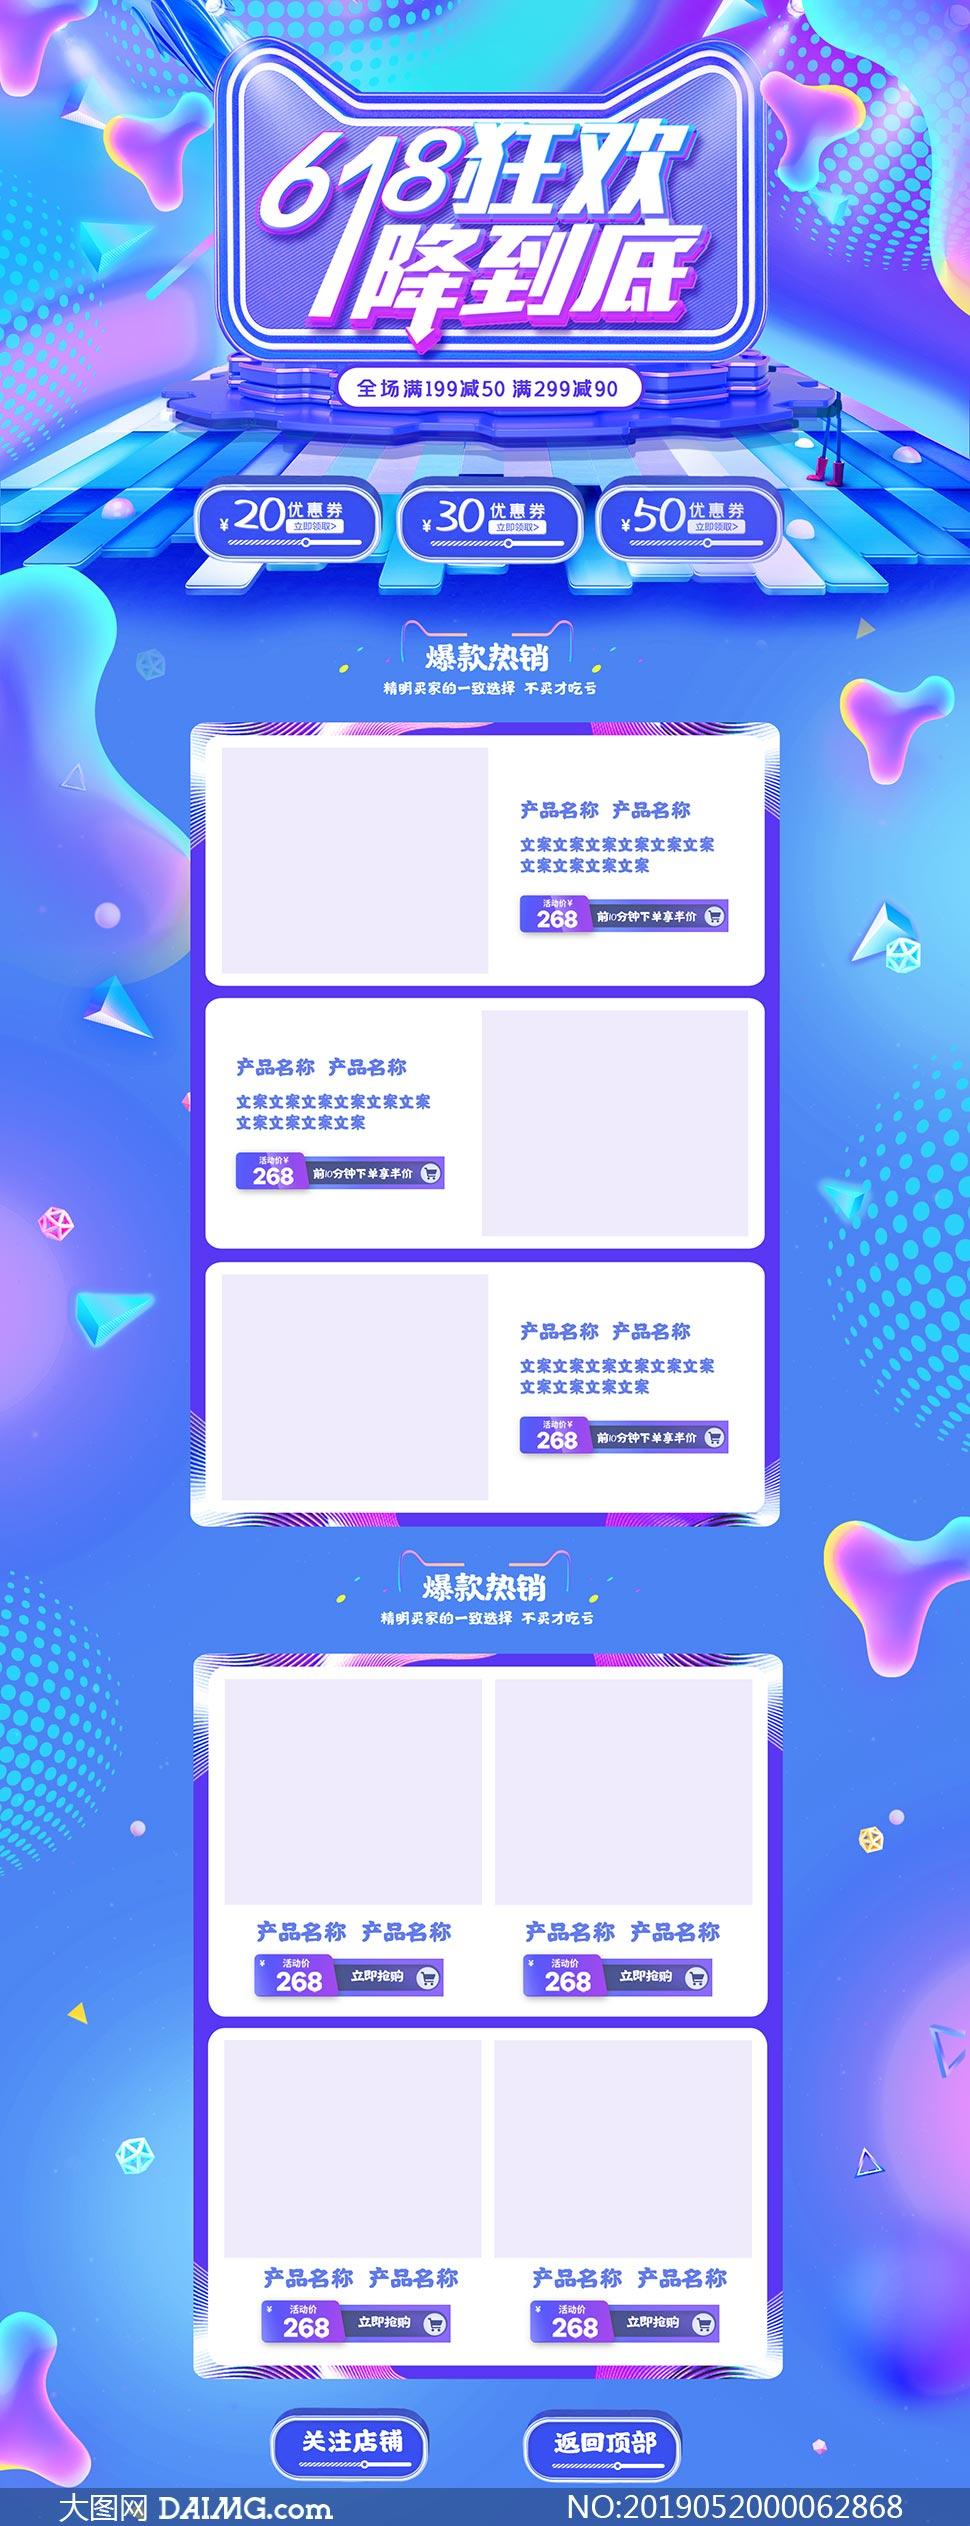 天猫618蓝色主题首页设计模板PSD素材